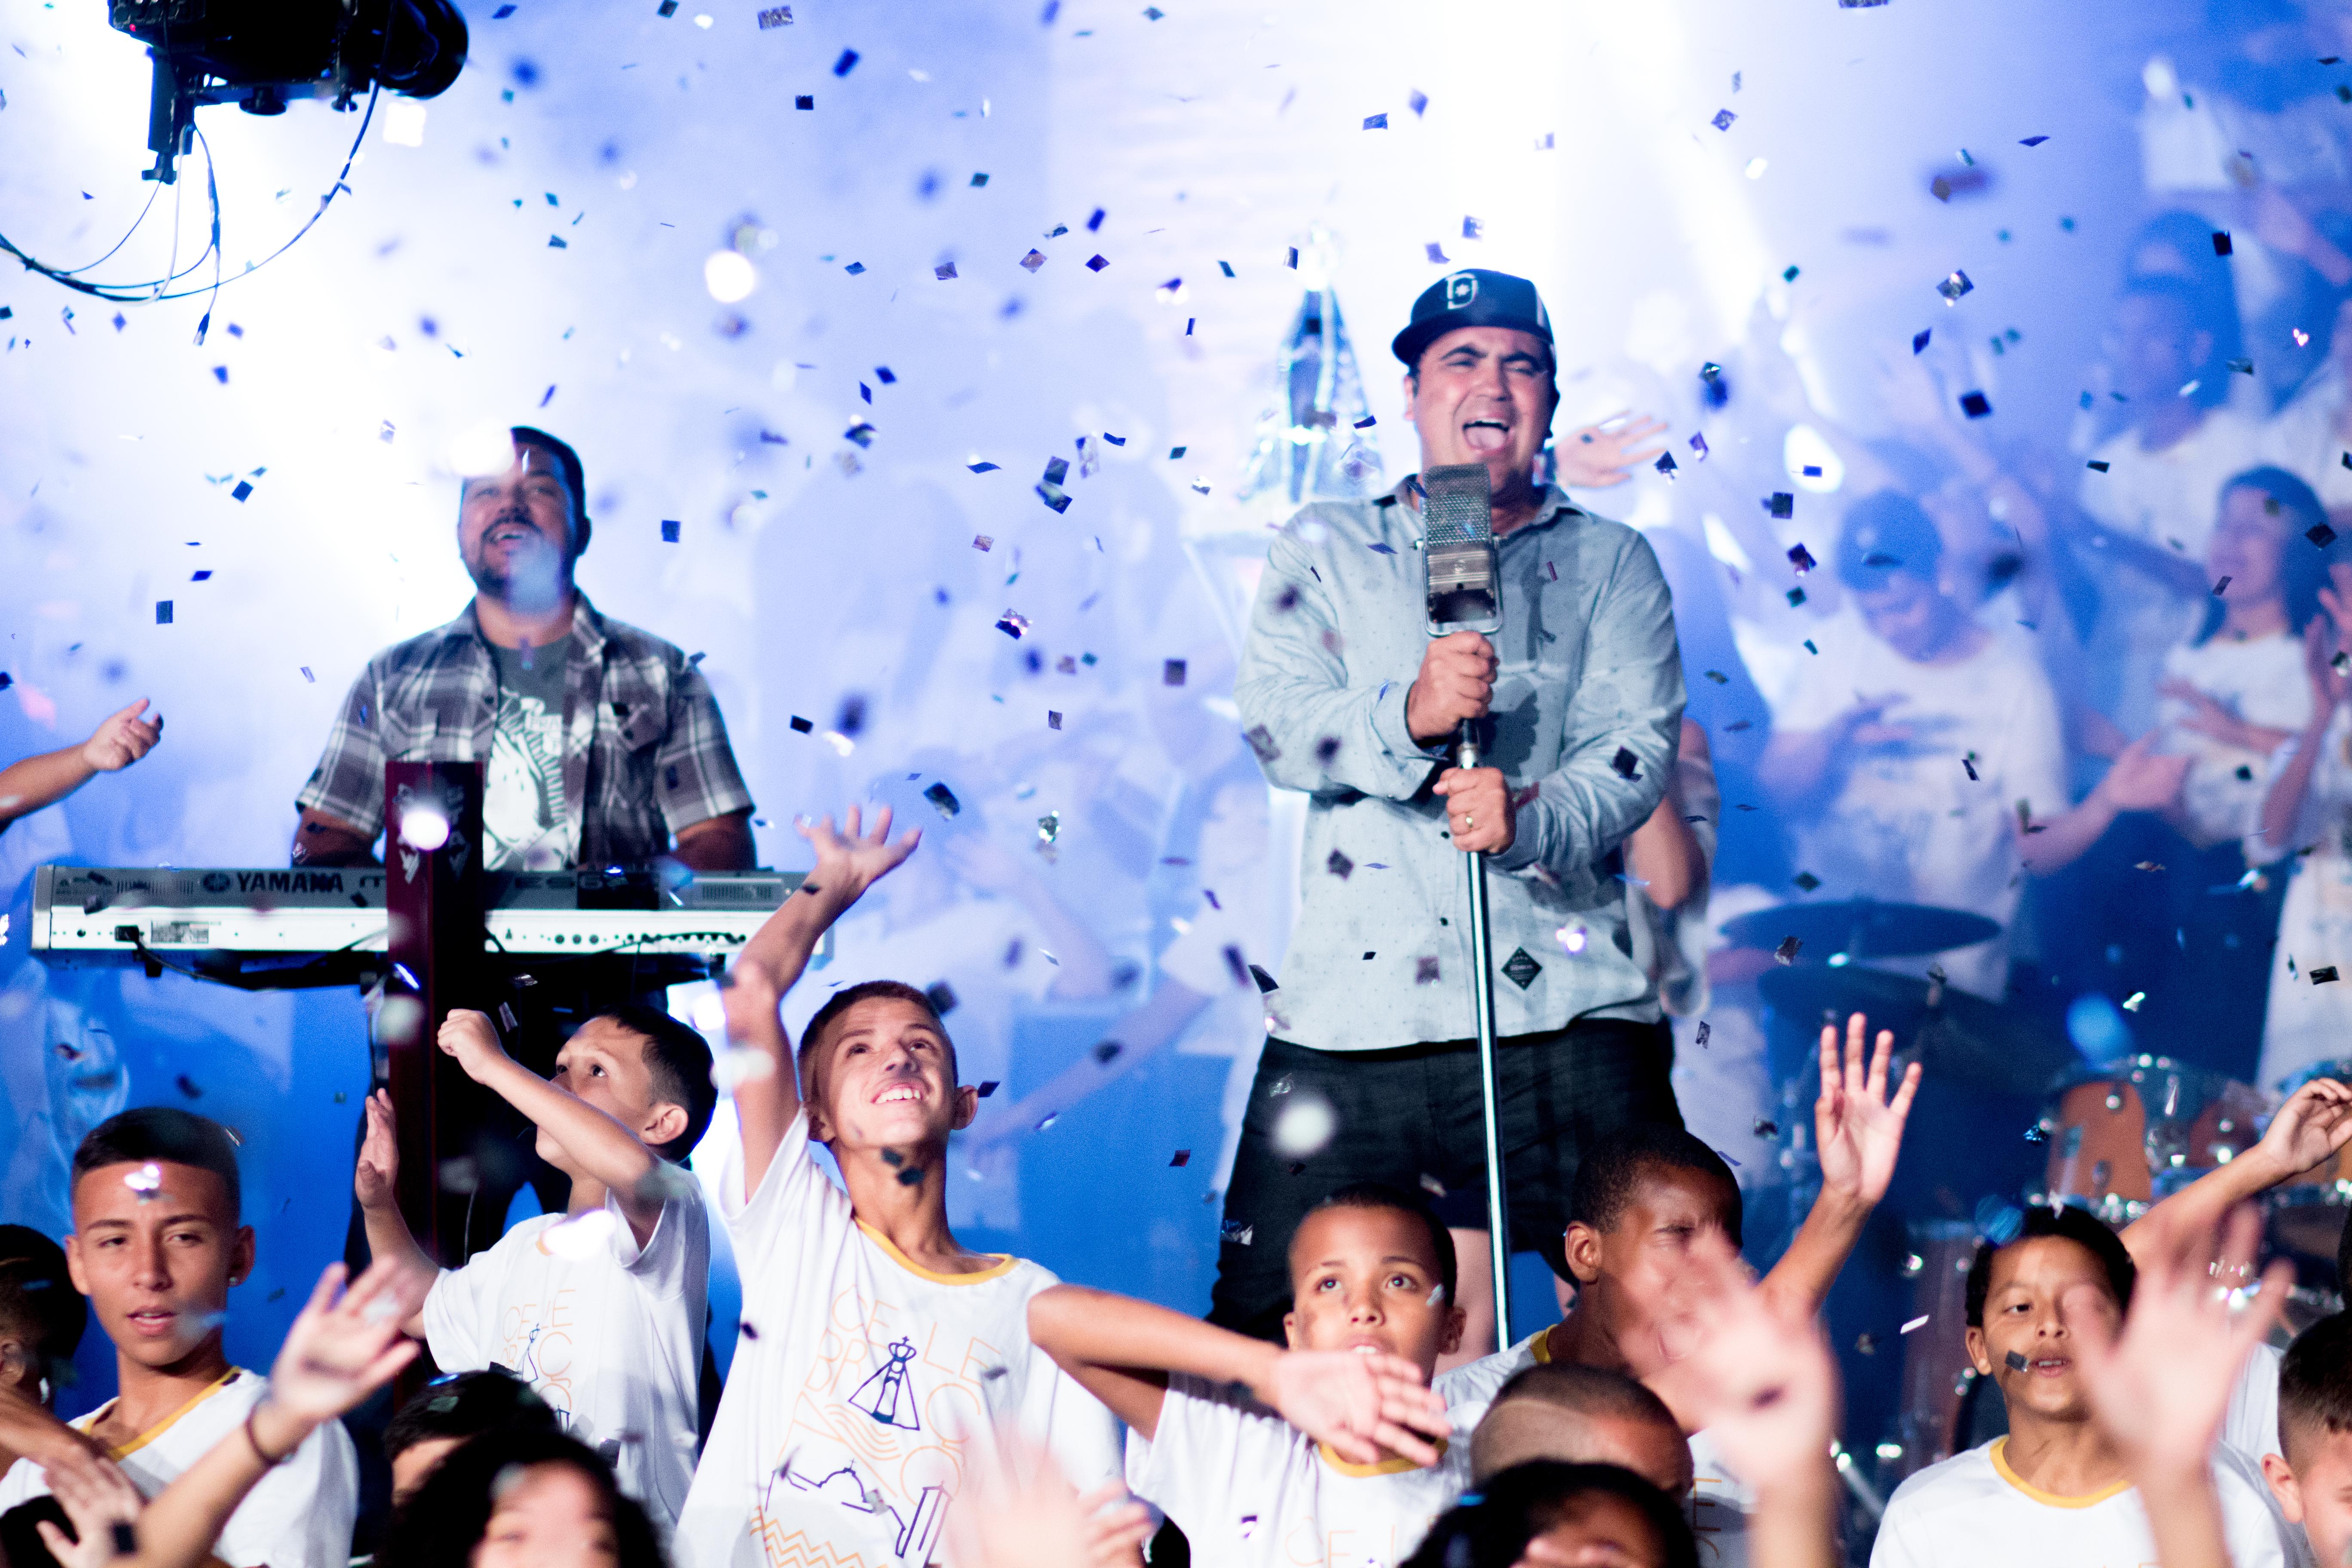 Clipe de Celebração é lançado em parceria com o Santuário Nacional de Aparecida